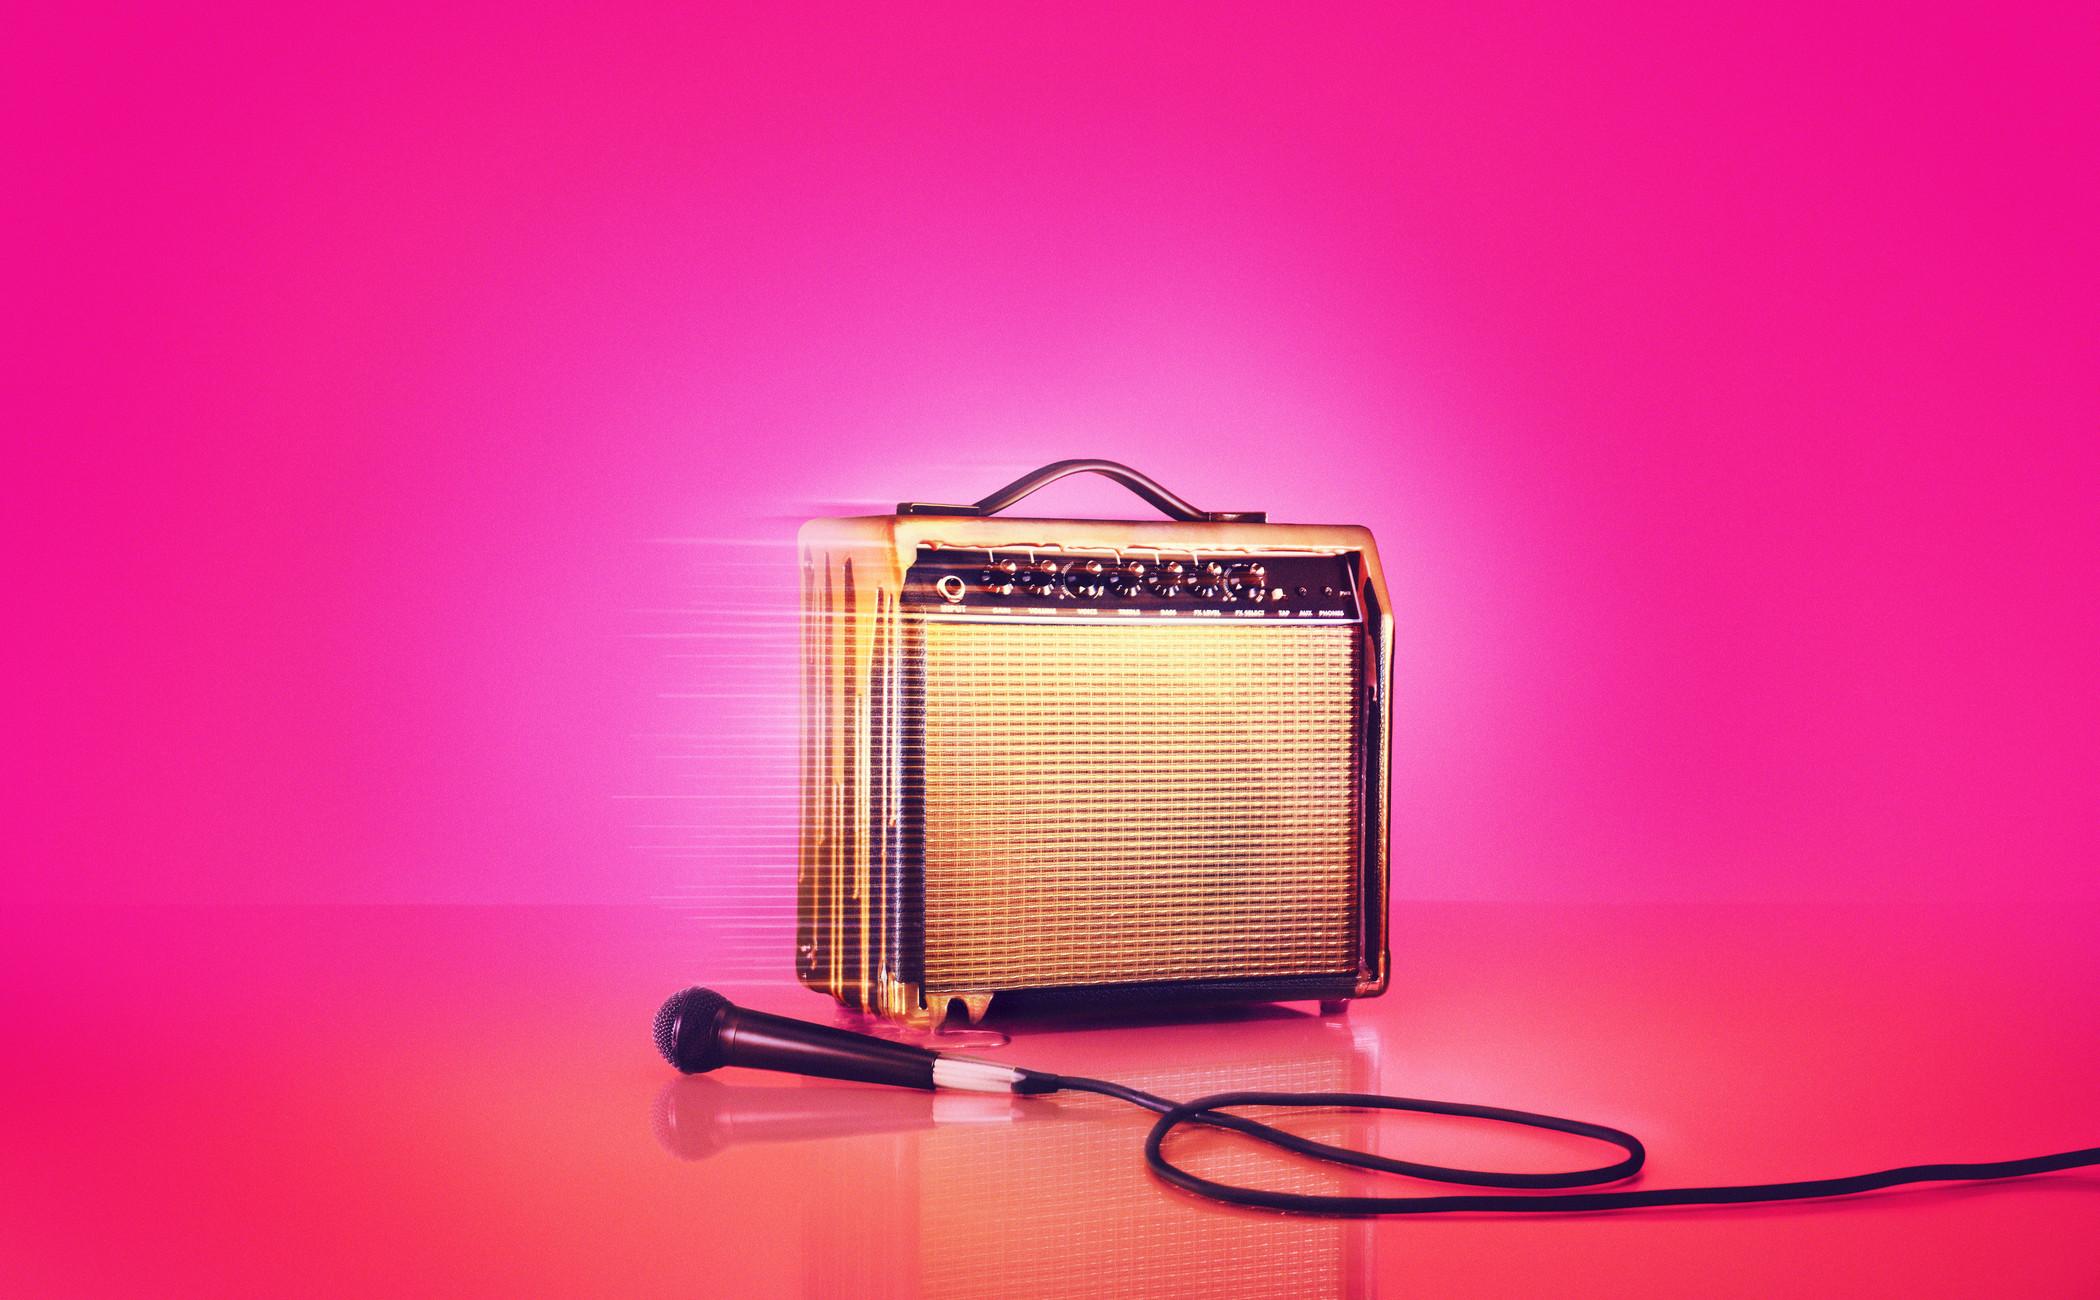 brown guitar amplifier